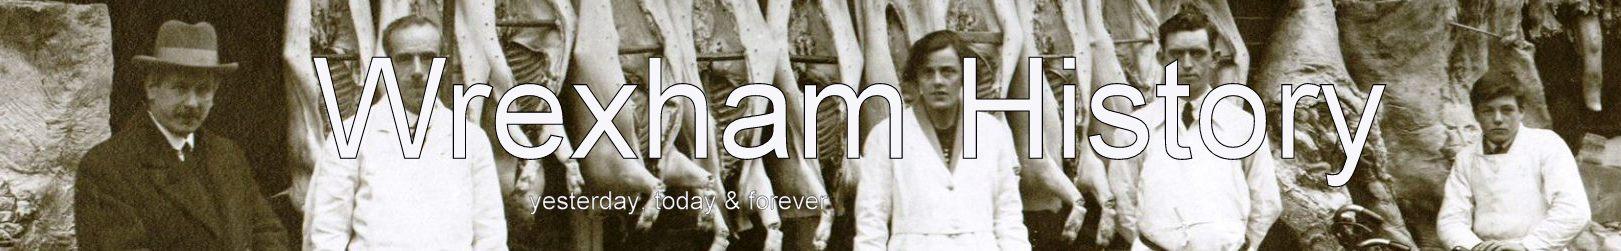 Wrexham History